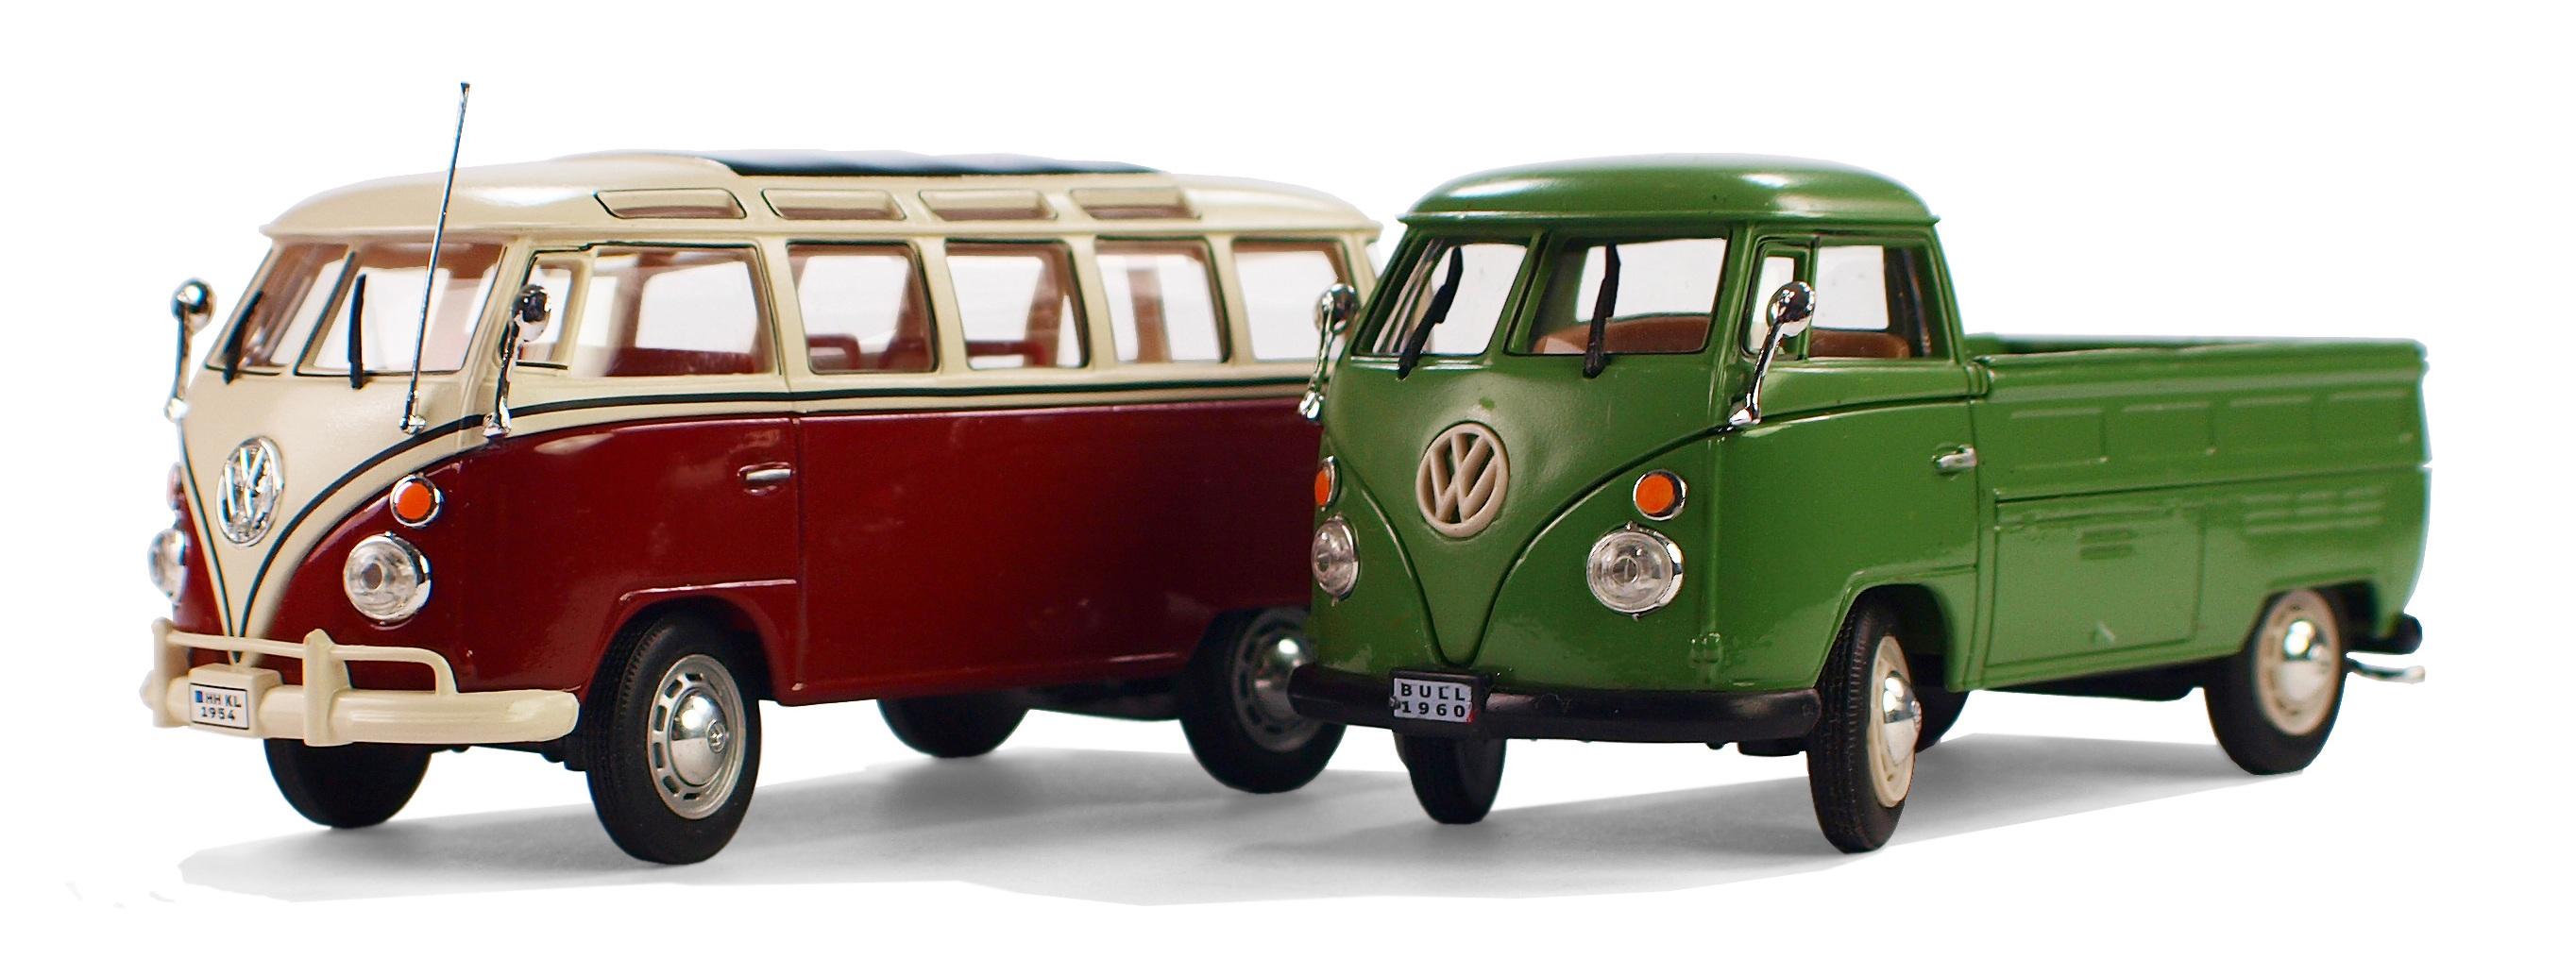 Free stock photos of volkswagen  Pexels